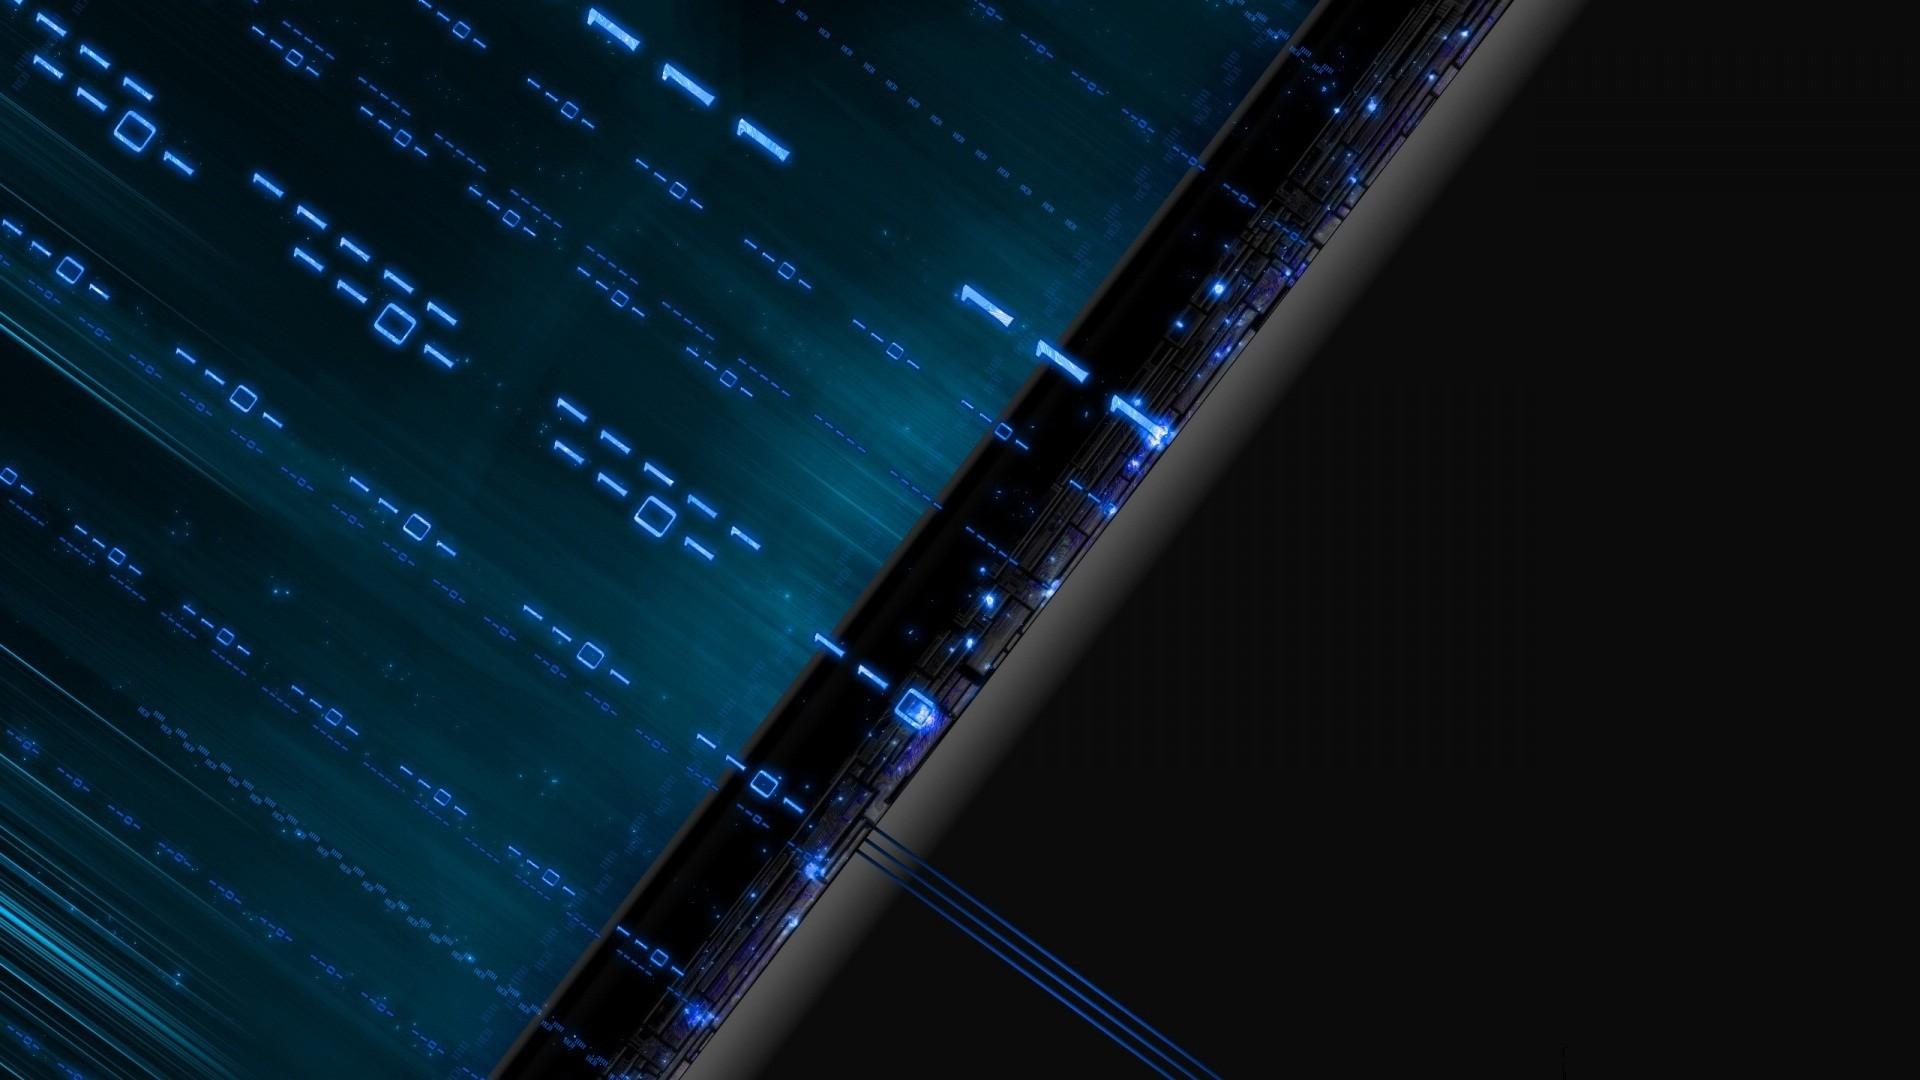 General 1920x1080 technology blue code digital art